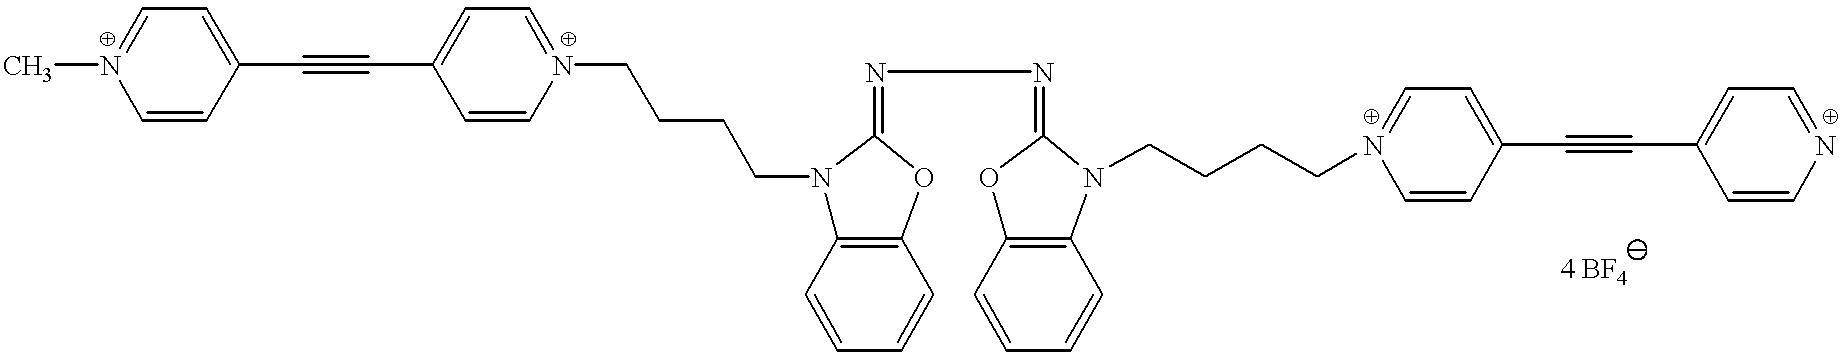 Figure US06241916-20010605-C00061